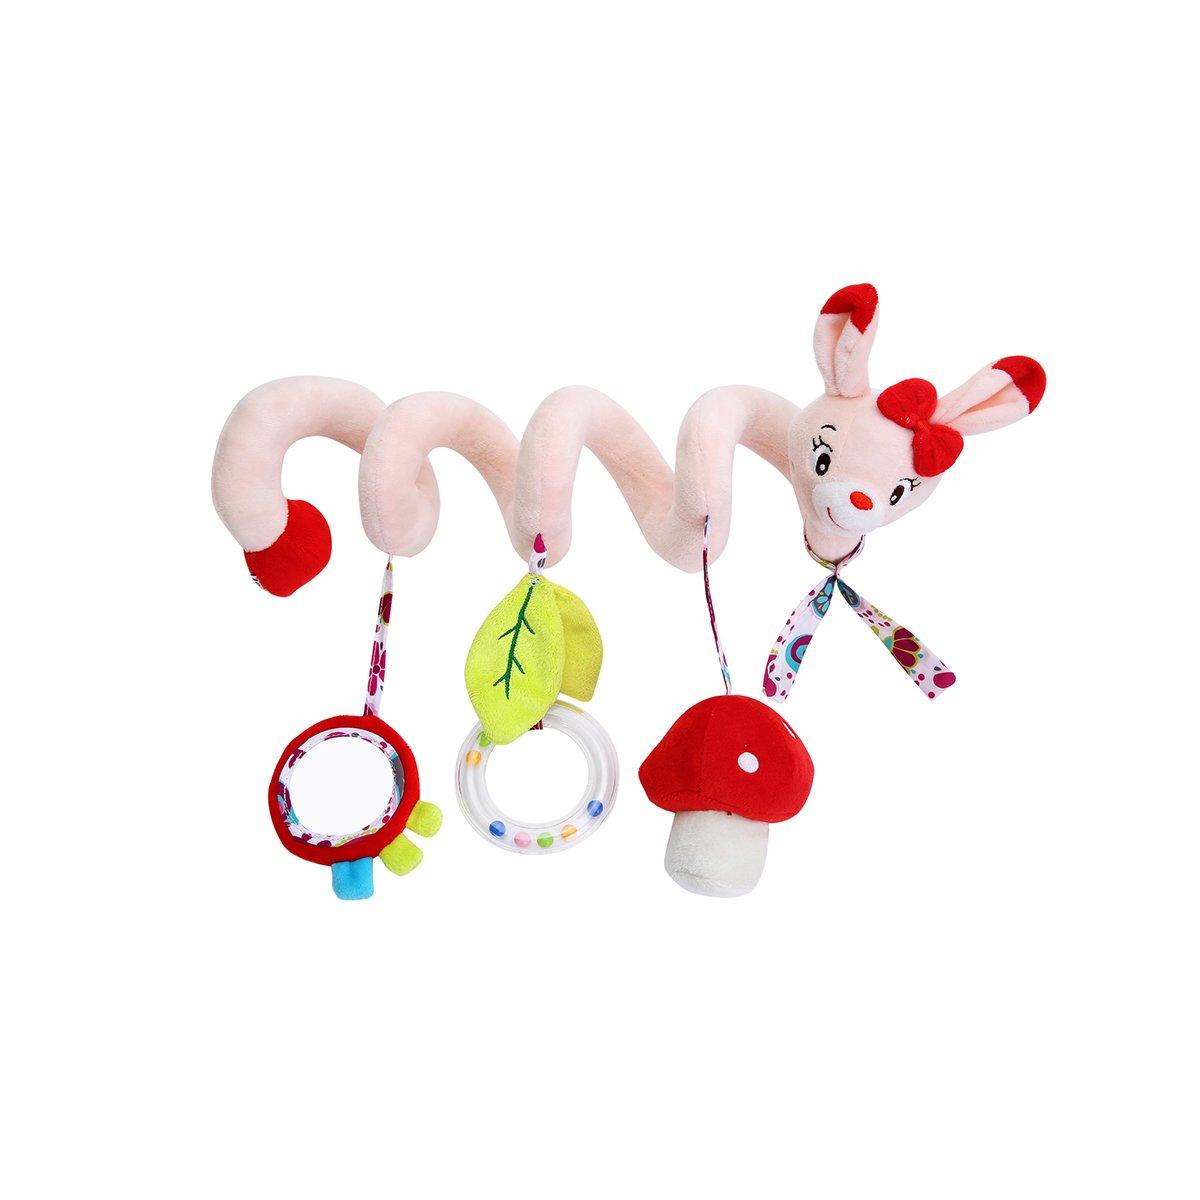 TOYMYTOY Recién nacido Baby Crib Toy Wrap Around Crib Rail Toy Cochecito de juguete Lindo Bebé Juguetes educativos (Gato)